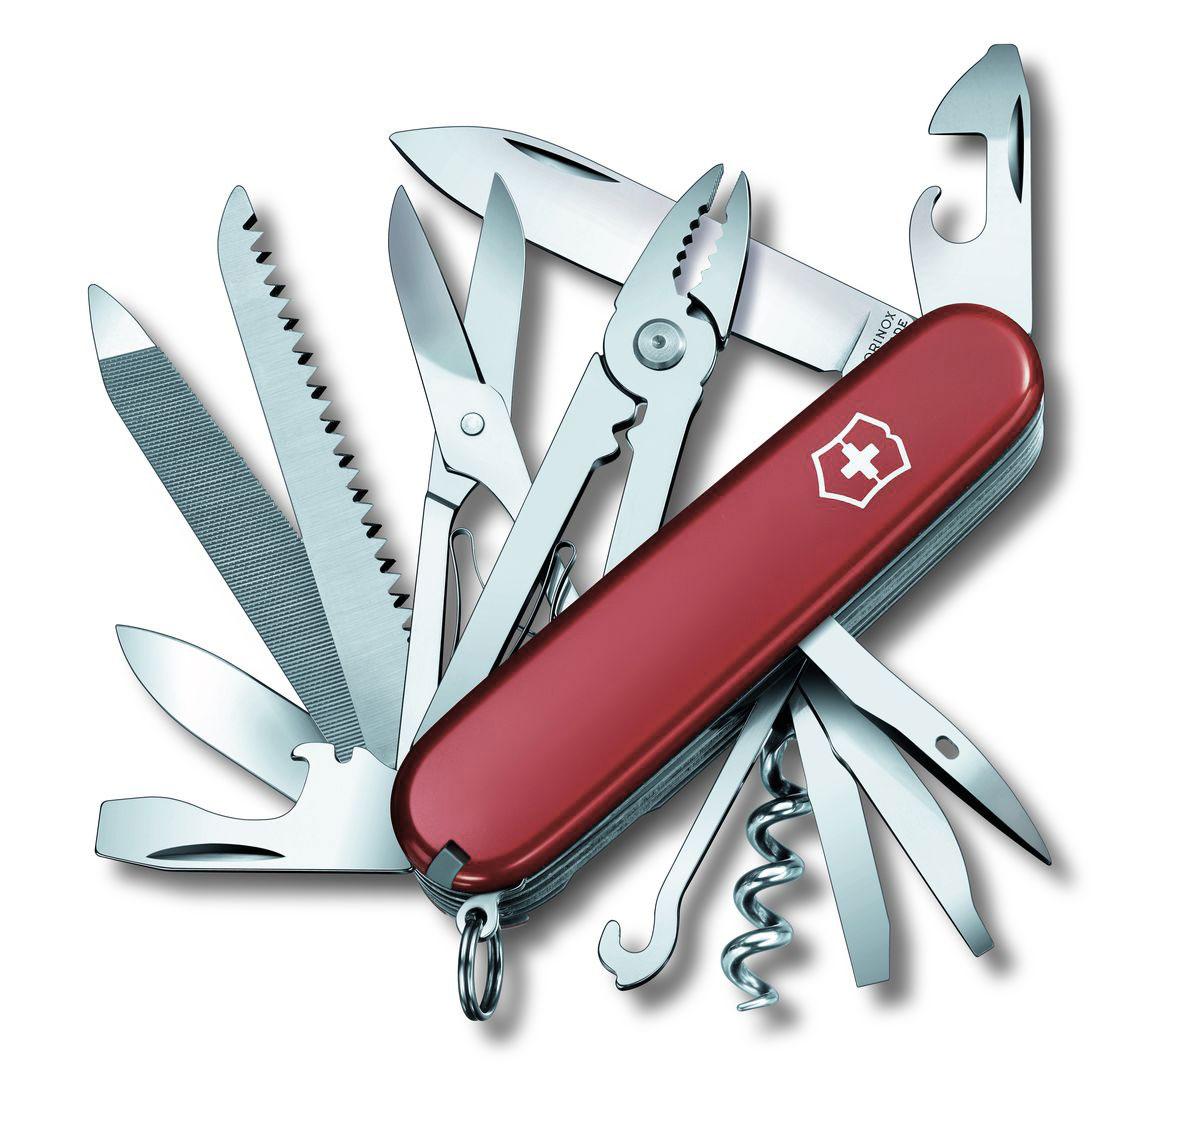 Нож перочинный Victorinox Handyman, цвет: красный, 24 функции, 9,1 см1.3773Лезвие перочинного складного ножа Victorinox Handyman изготовлено из высококачественной нержавеющей стали. Ручка, выполненная из прочного пластика, обеспечивает надежный и удобный хват.Хорошее качество, надежный долговечный материал и эргономичная рукоятка - что может быть удобнее на природе или на пикнике!Функции ножа:Большое лезвие.Малое лезвие.Штопор.Консервный нож с малой отверткой.Открывалка для бутылок с отверткой и инструментом для снятия изоляции.Шило, кернер.Кольцо для ключей.Пинцет.Зубочистка.Ножницы.Многофункциональный крючок.Пила по дереву.Стамеска.Пилка для ногтей с напильником по металлу, инструментом по уходу за ногтями и пилой по металлу.Тонка отвертка.Плоскогубцы с кусачками для проводов и инструментом для обжима проводов.Длина ножа в сложенном виде: 9,1 см.Длина ножа в разложенном виде: 15,8 см.Длина большого лезвия: 7 см.Длина малого лезвия: 4,3 см.